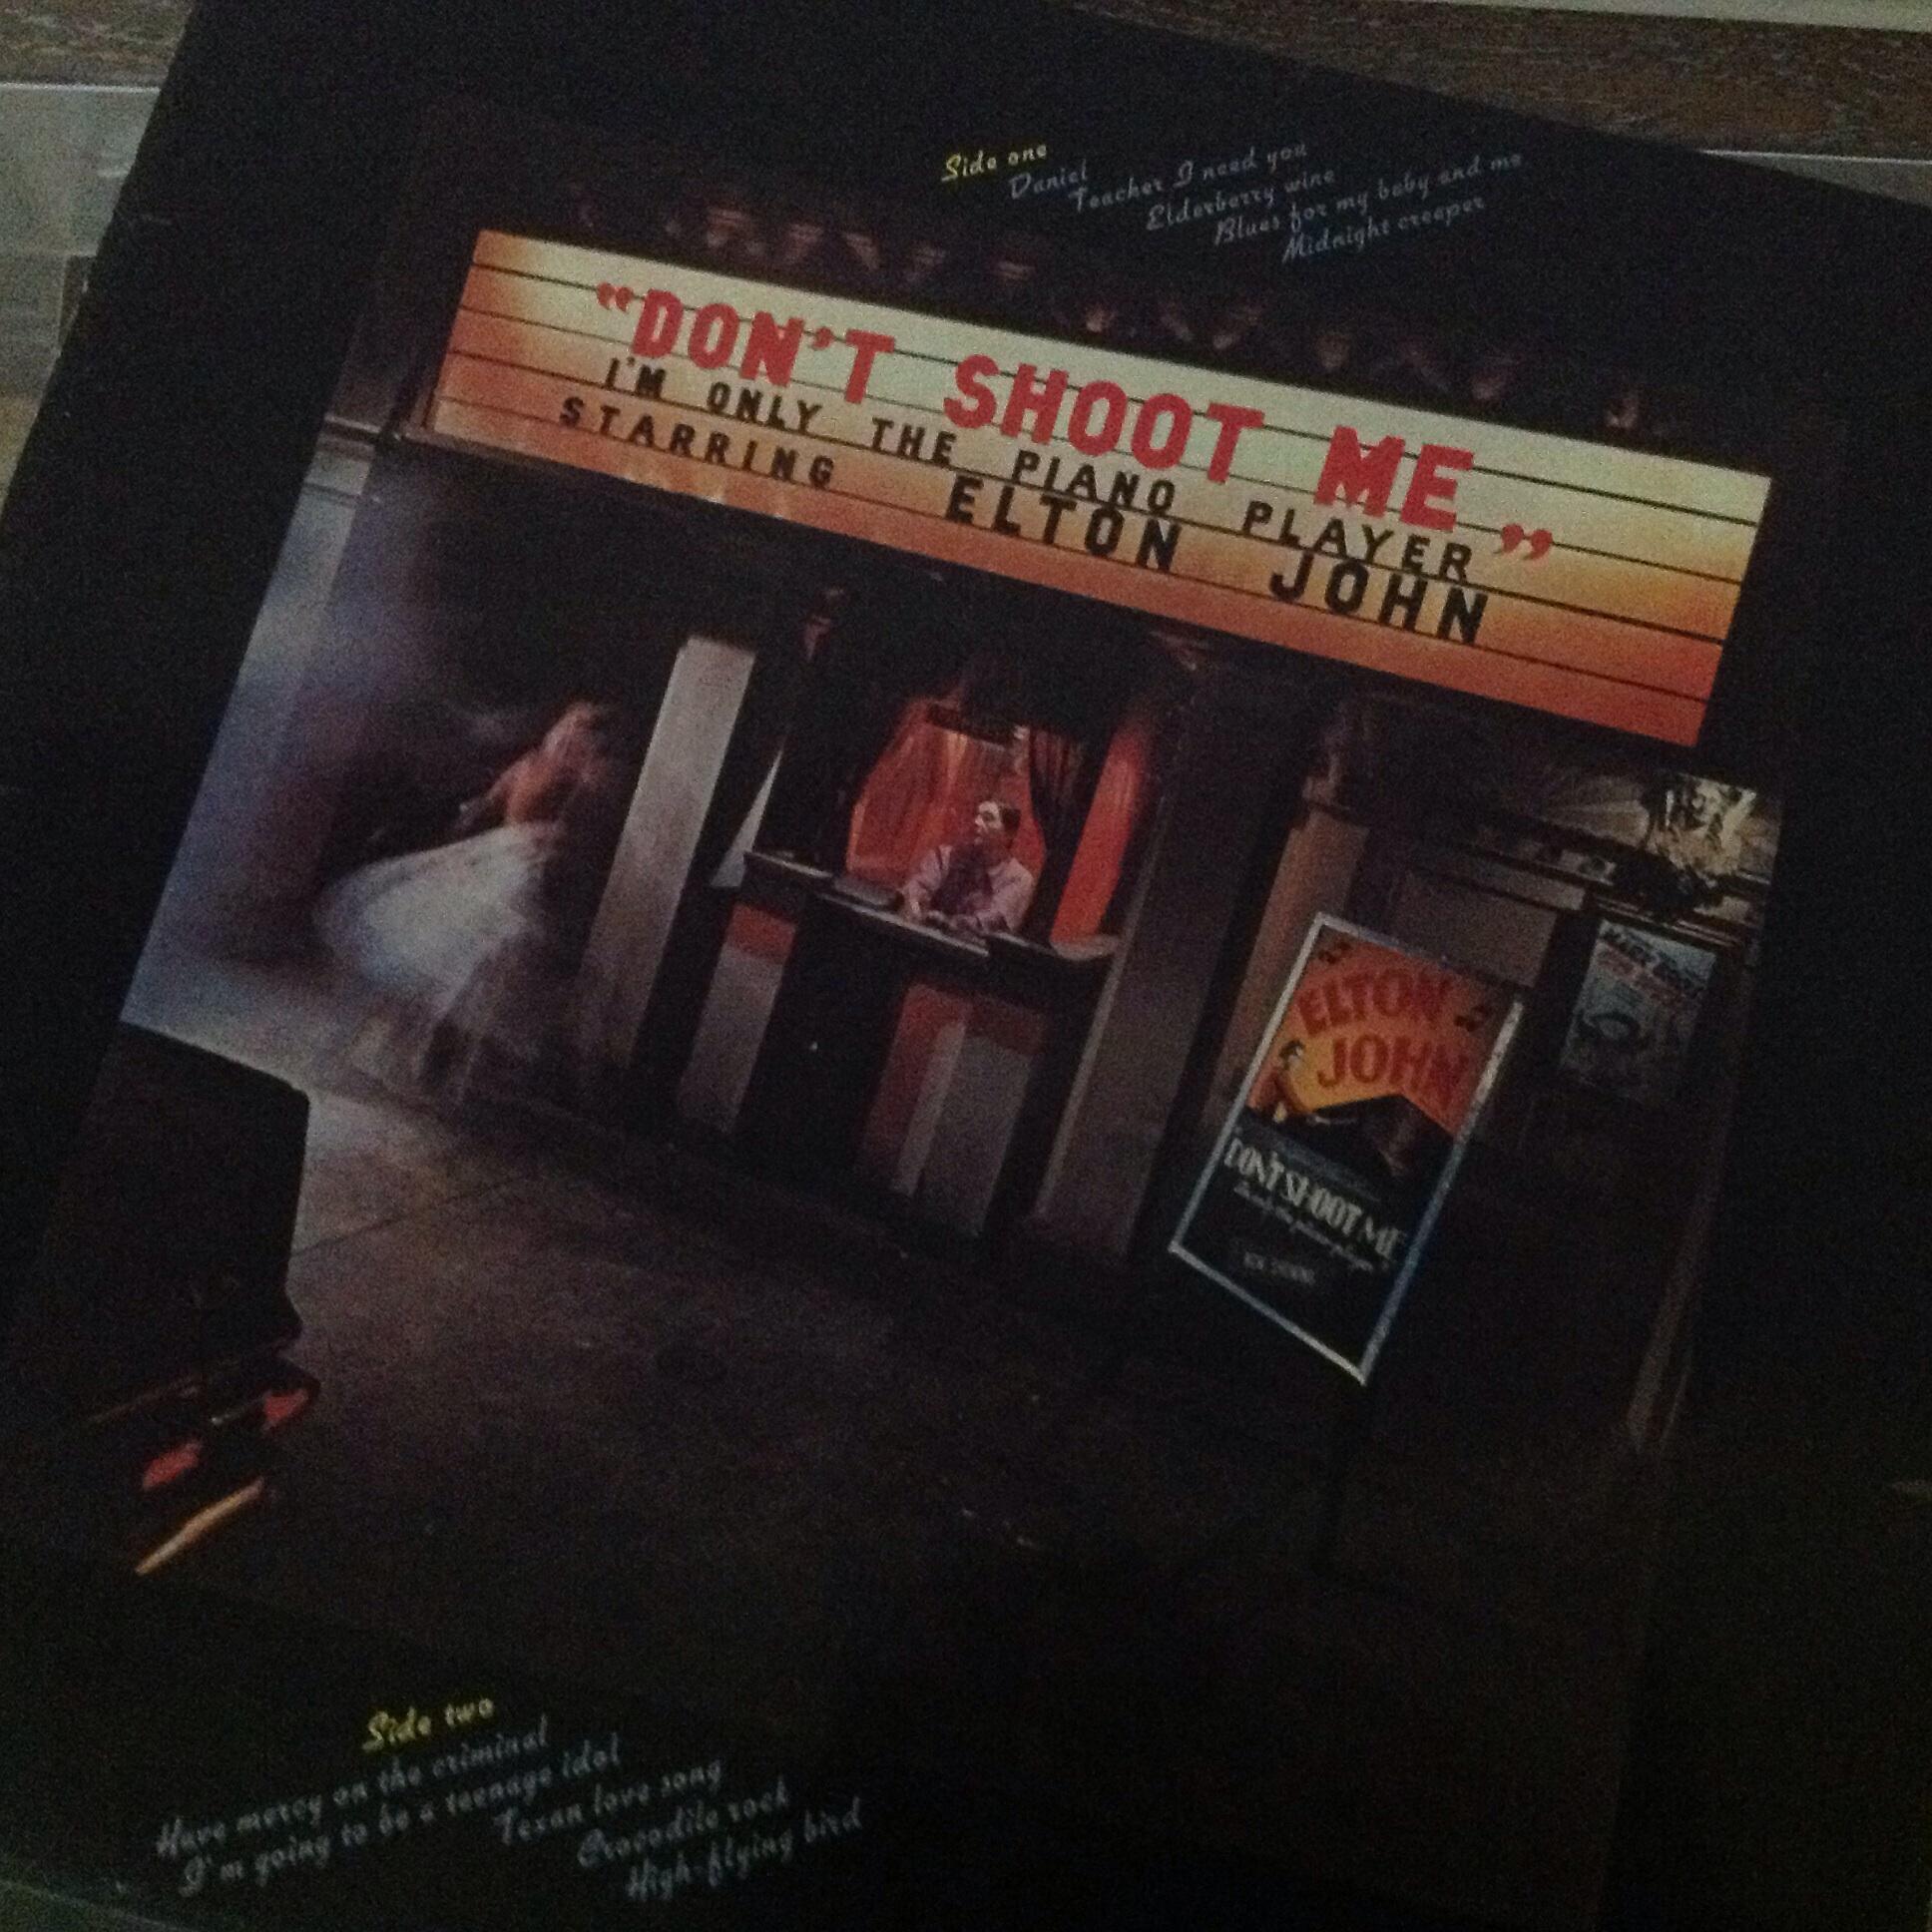 Don't Shoot Me by Elton John